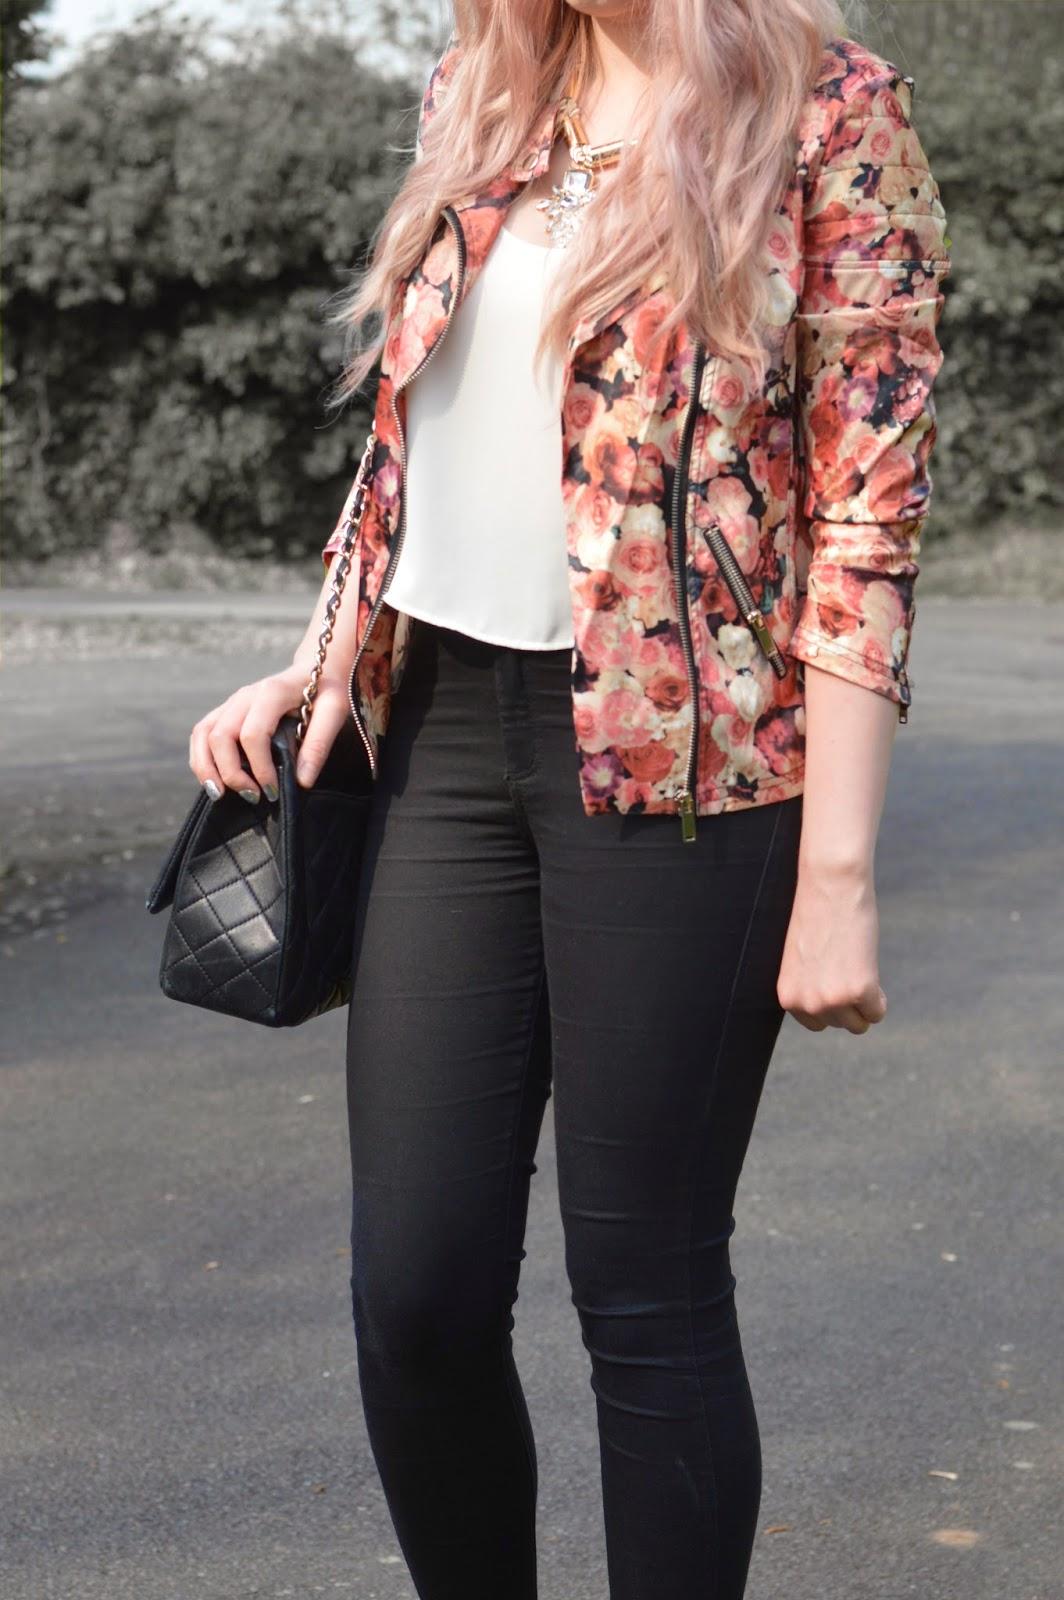 Sammi Jackson - Floral Jacket